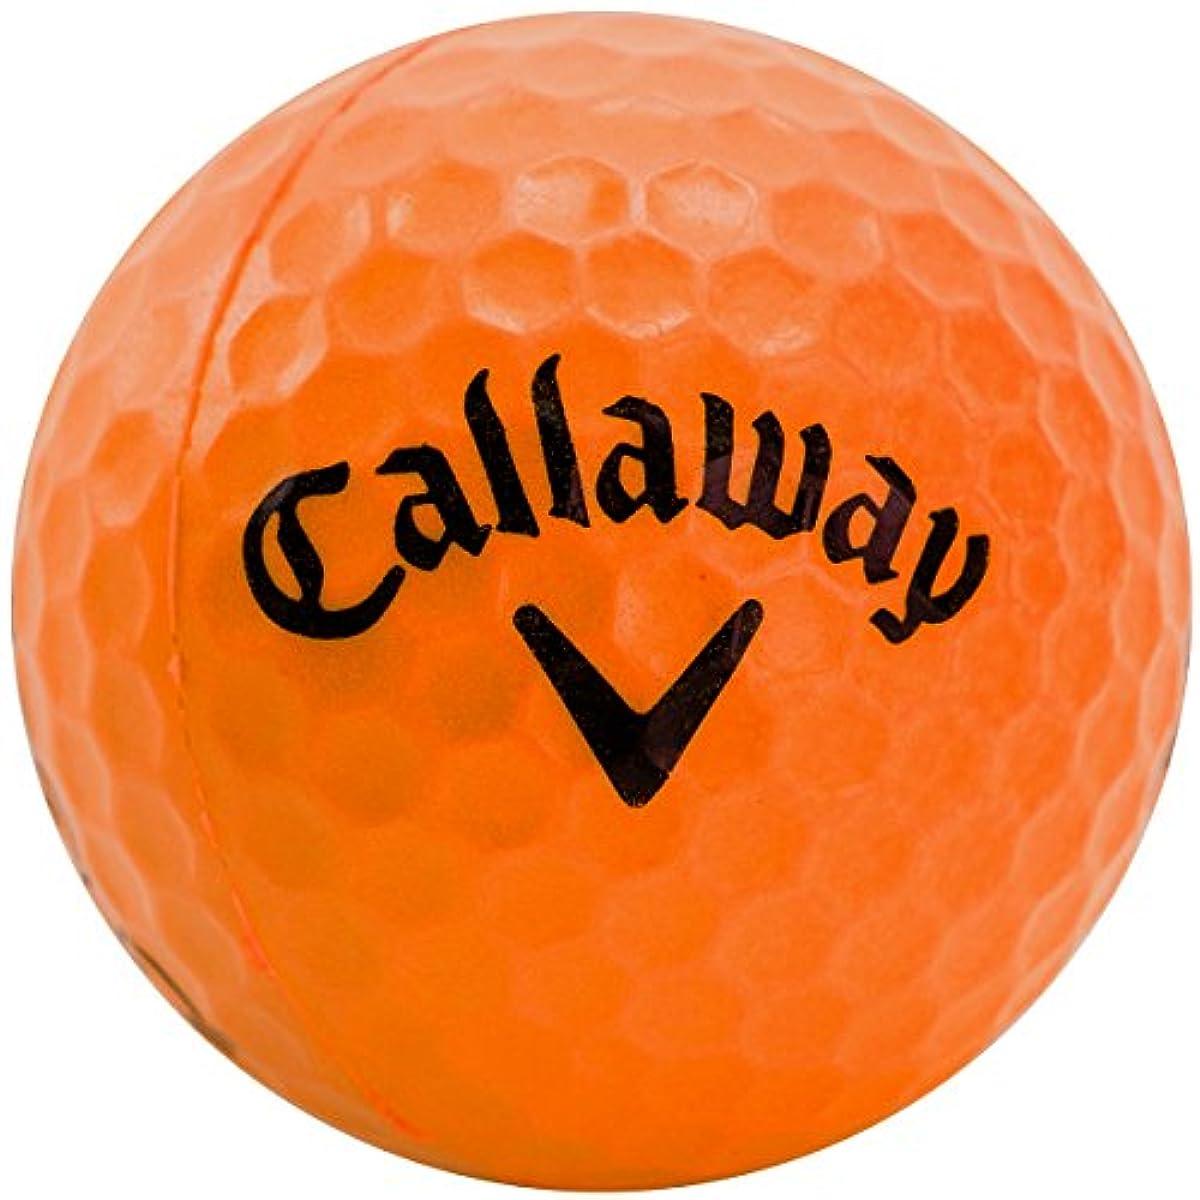 [해외] 캘러웨이고르프 CALLAWAY GOLF 연습 기구 헥스 프랙티스(Practice) 볼 18개 들이